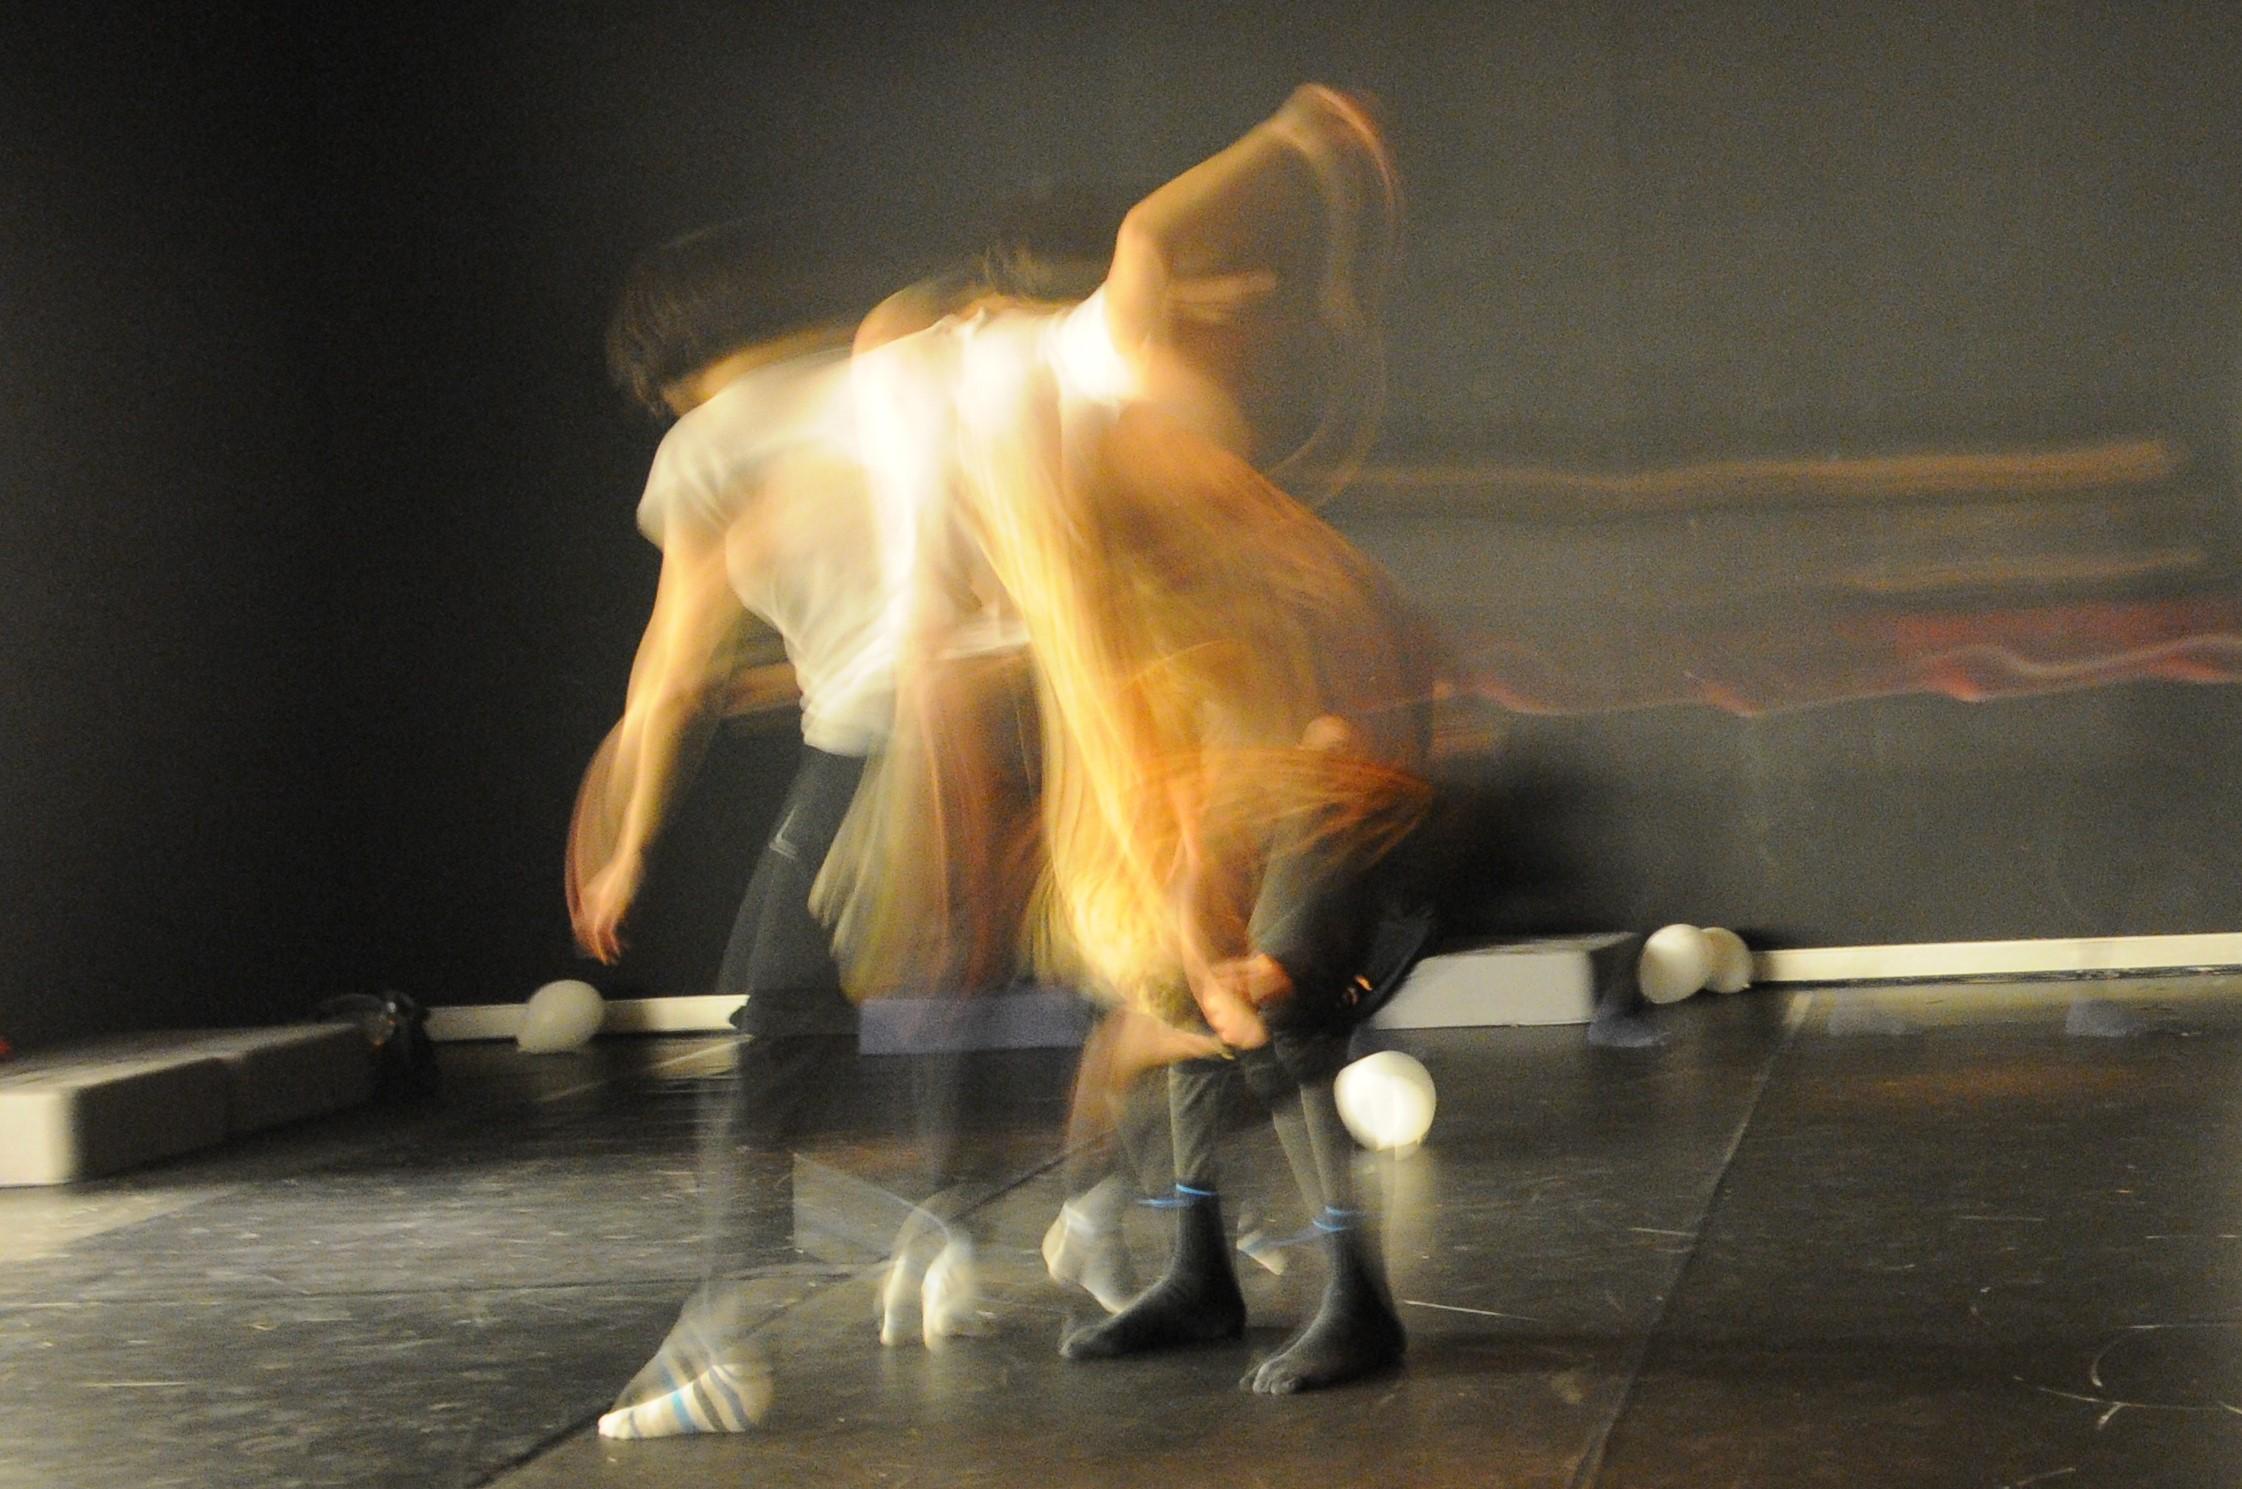 Danza improvisación, contact improvisation y portés acrobáticos. Prácticas de escucha y apoyo mutuo